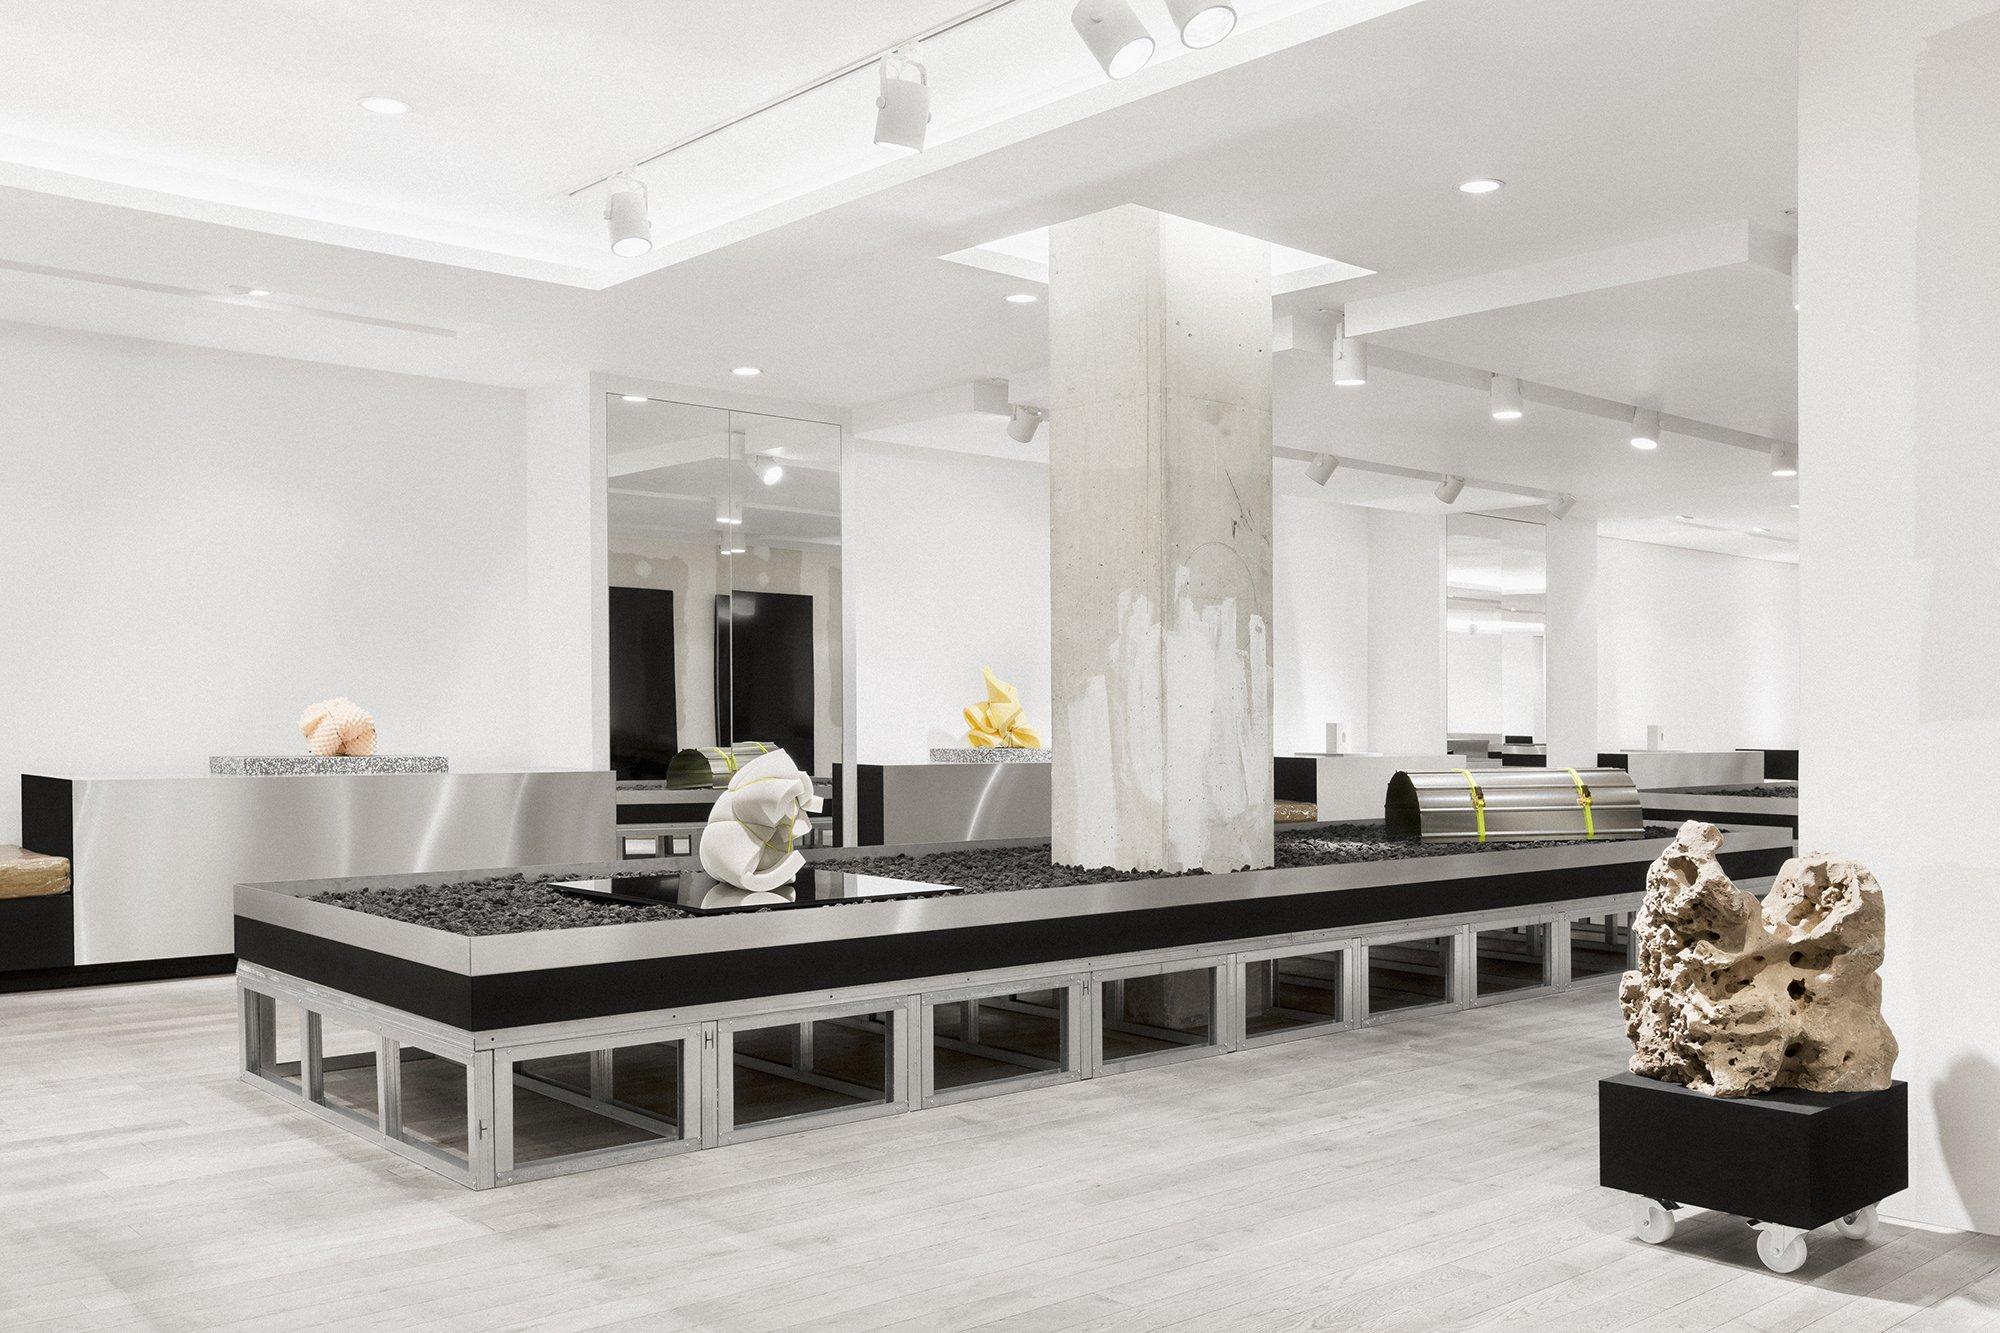 Pour Realtale group, VAUST révèle un concept-store à Hanovre de produits haut de gamme et innovants